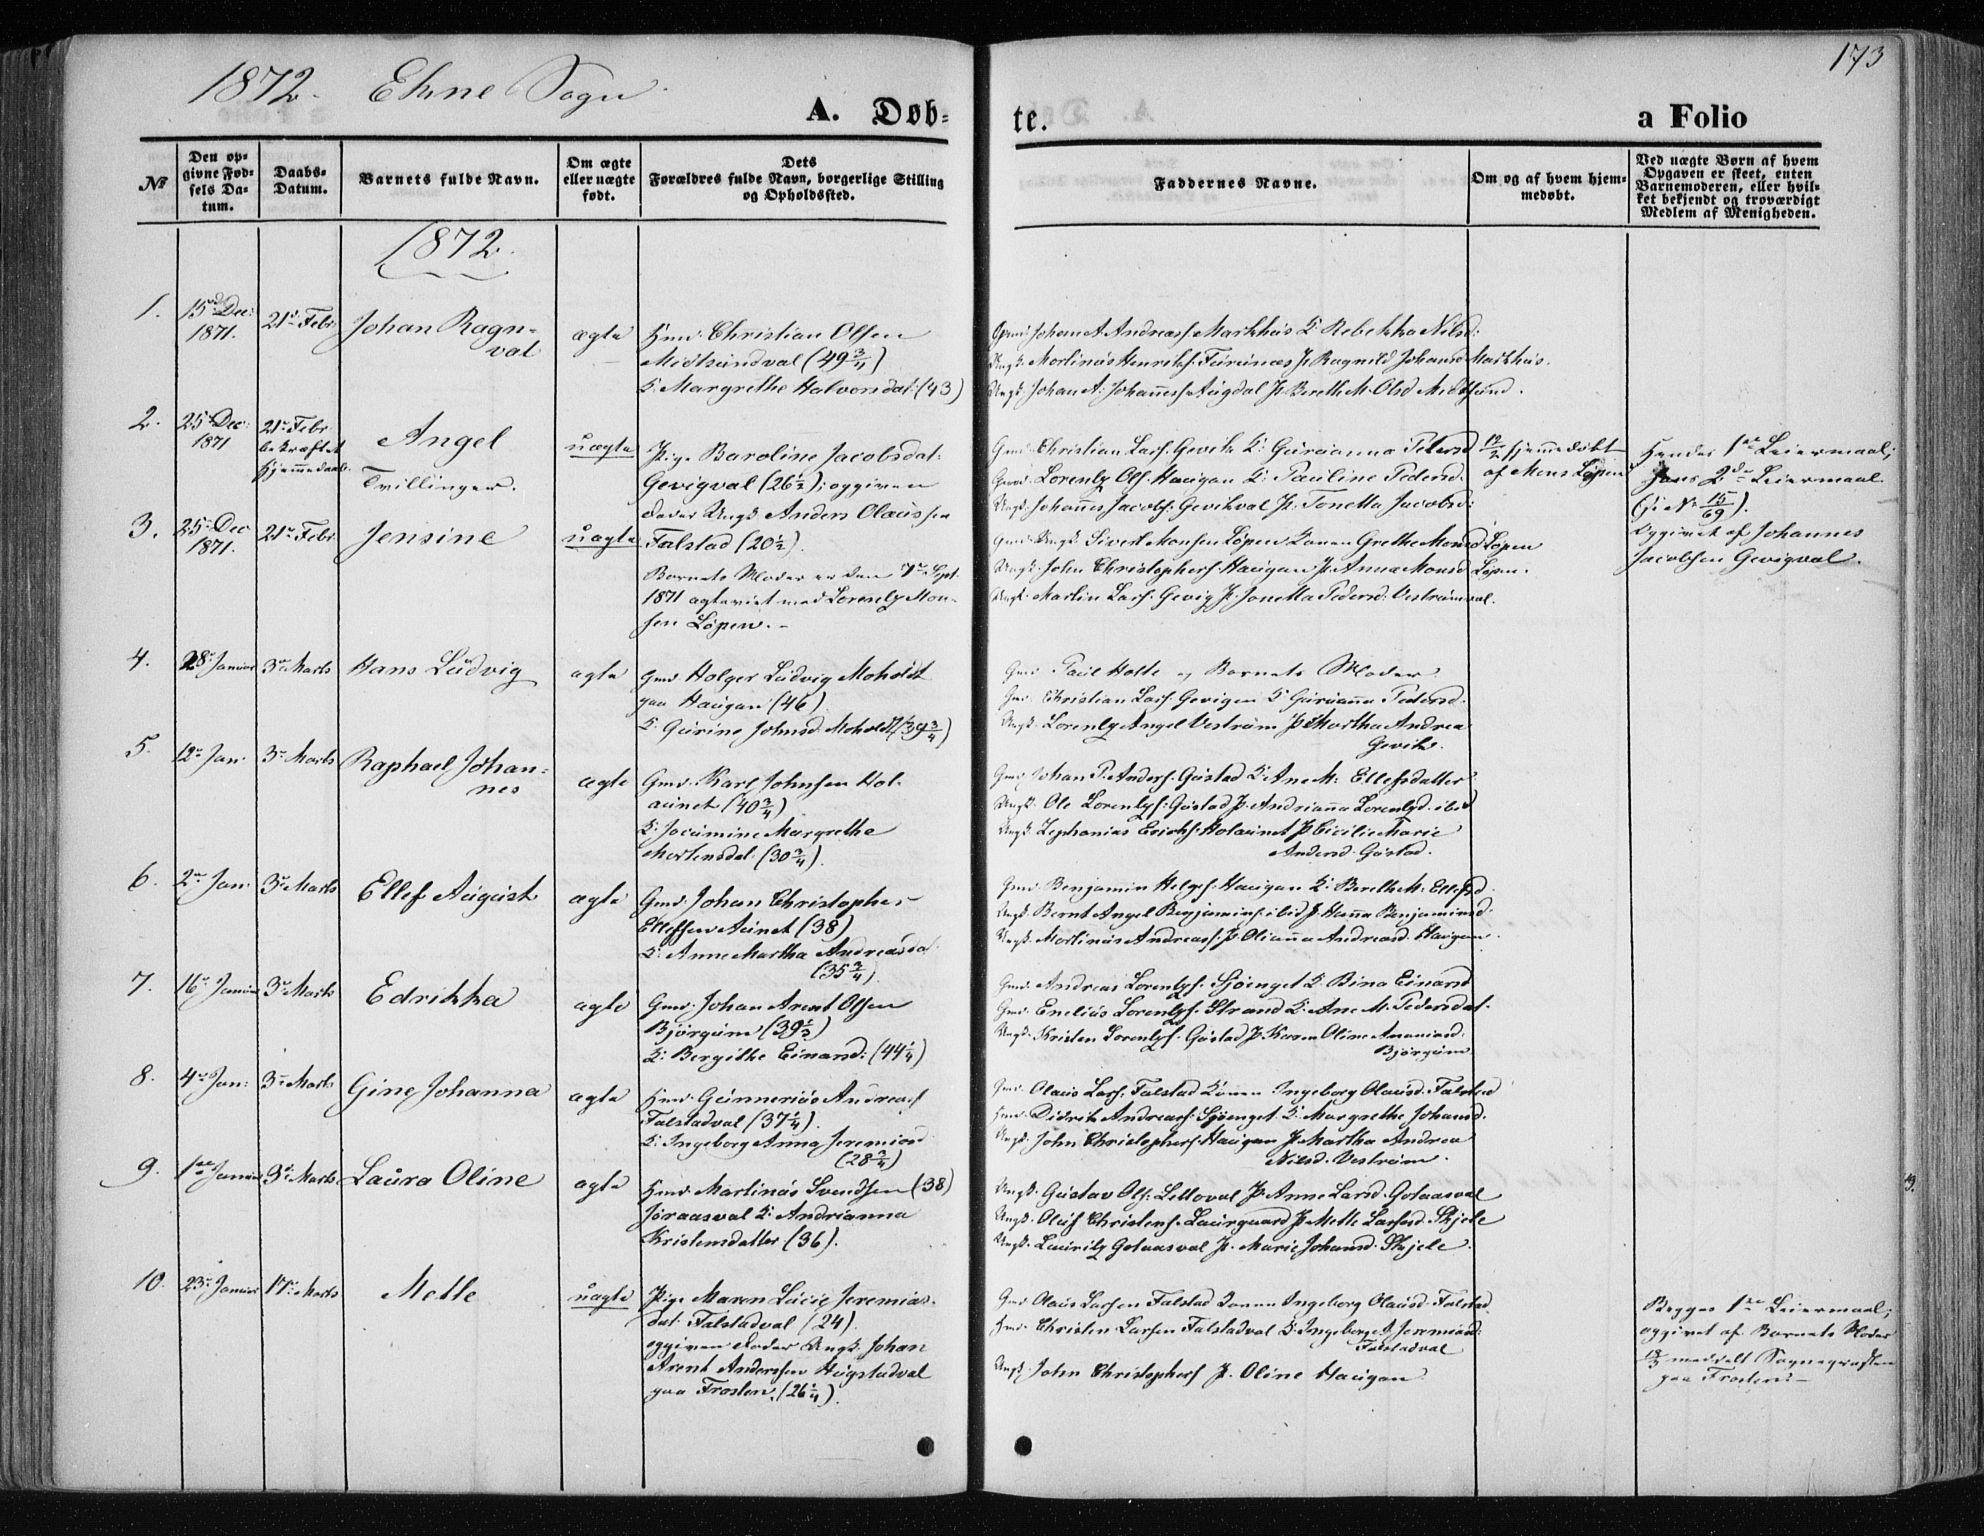 SAT, Ministerialprotokoller, klokkerbøker og fødselsregistre - Nord-Trøndelag, 717/L0158: Ministerialbok nr. 717A08 /2, 1863-1877, s. 173